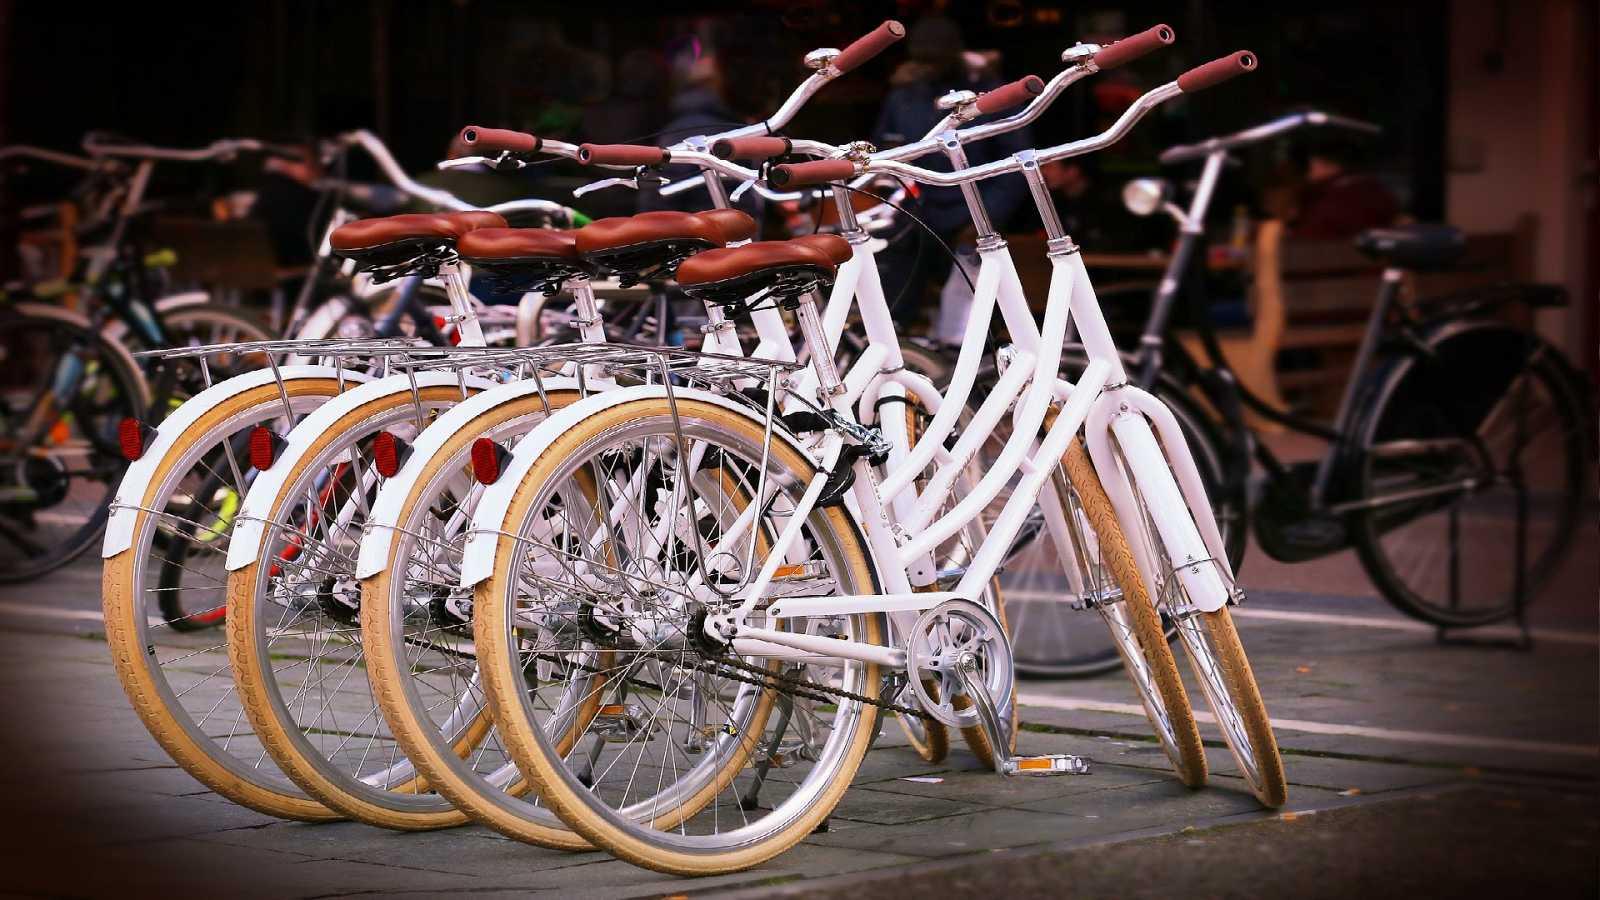 El español urgente con Fundéu RAE - Mundo de las bicicletas - 19/07/21 - Escuchar ahora